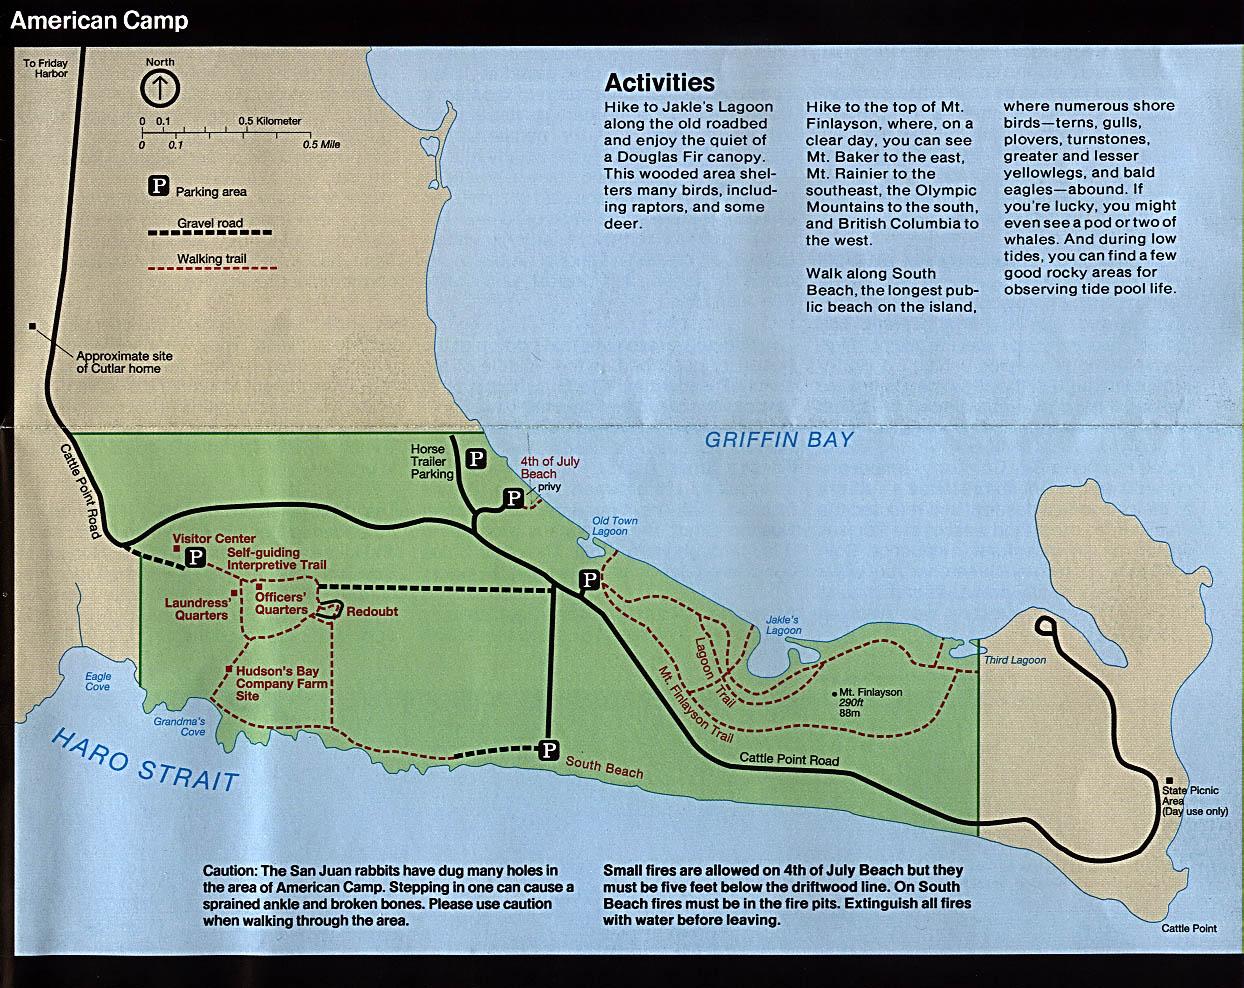 Mapa del Campamento Americano, Parque Nacional Histórico San Juan Island, Washington, Estados Unidos